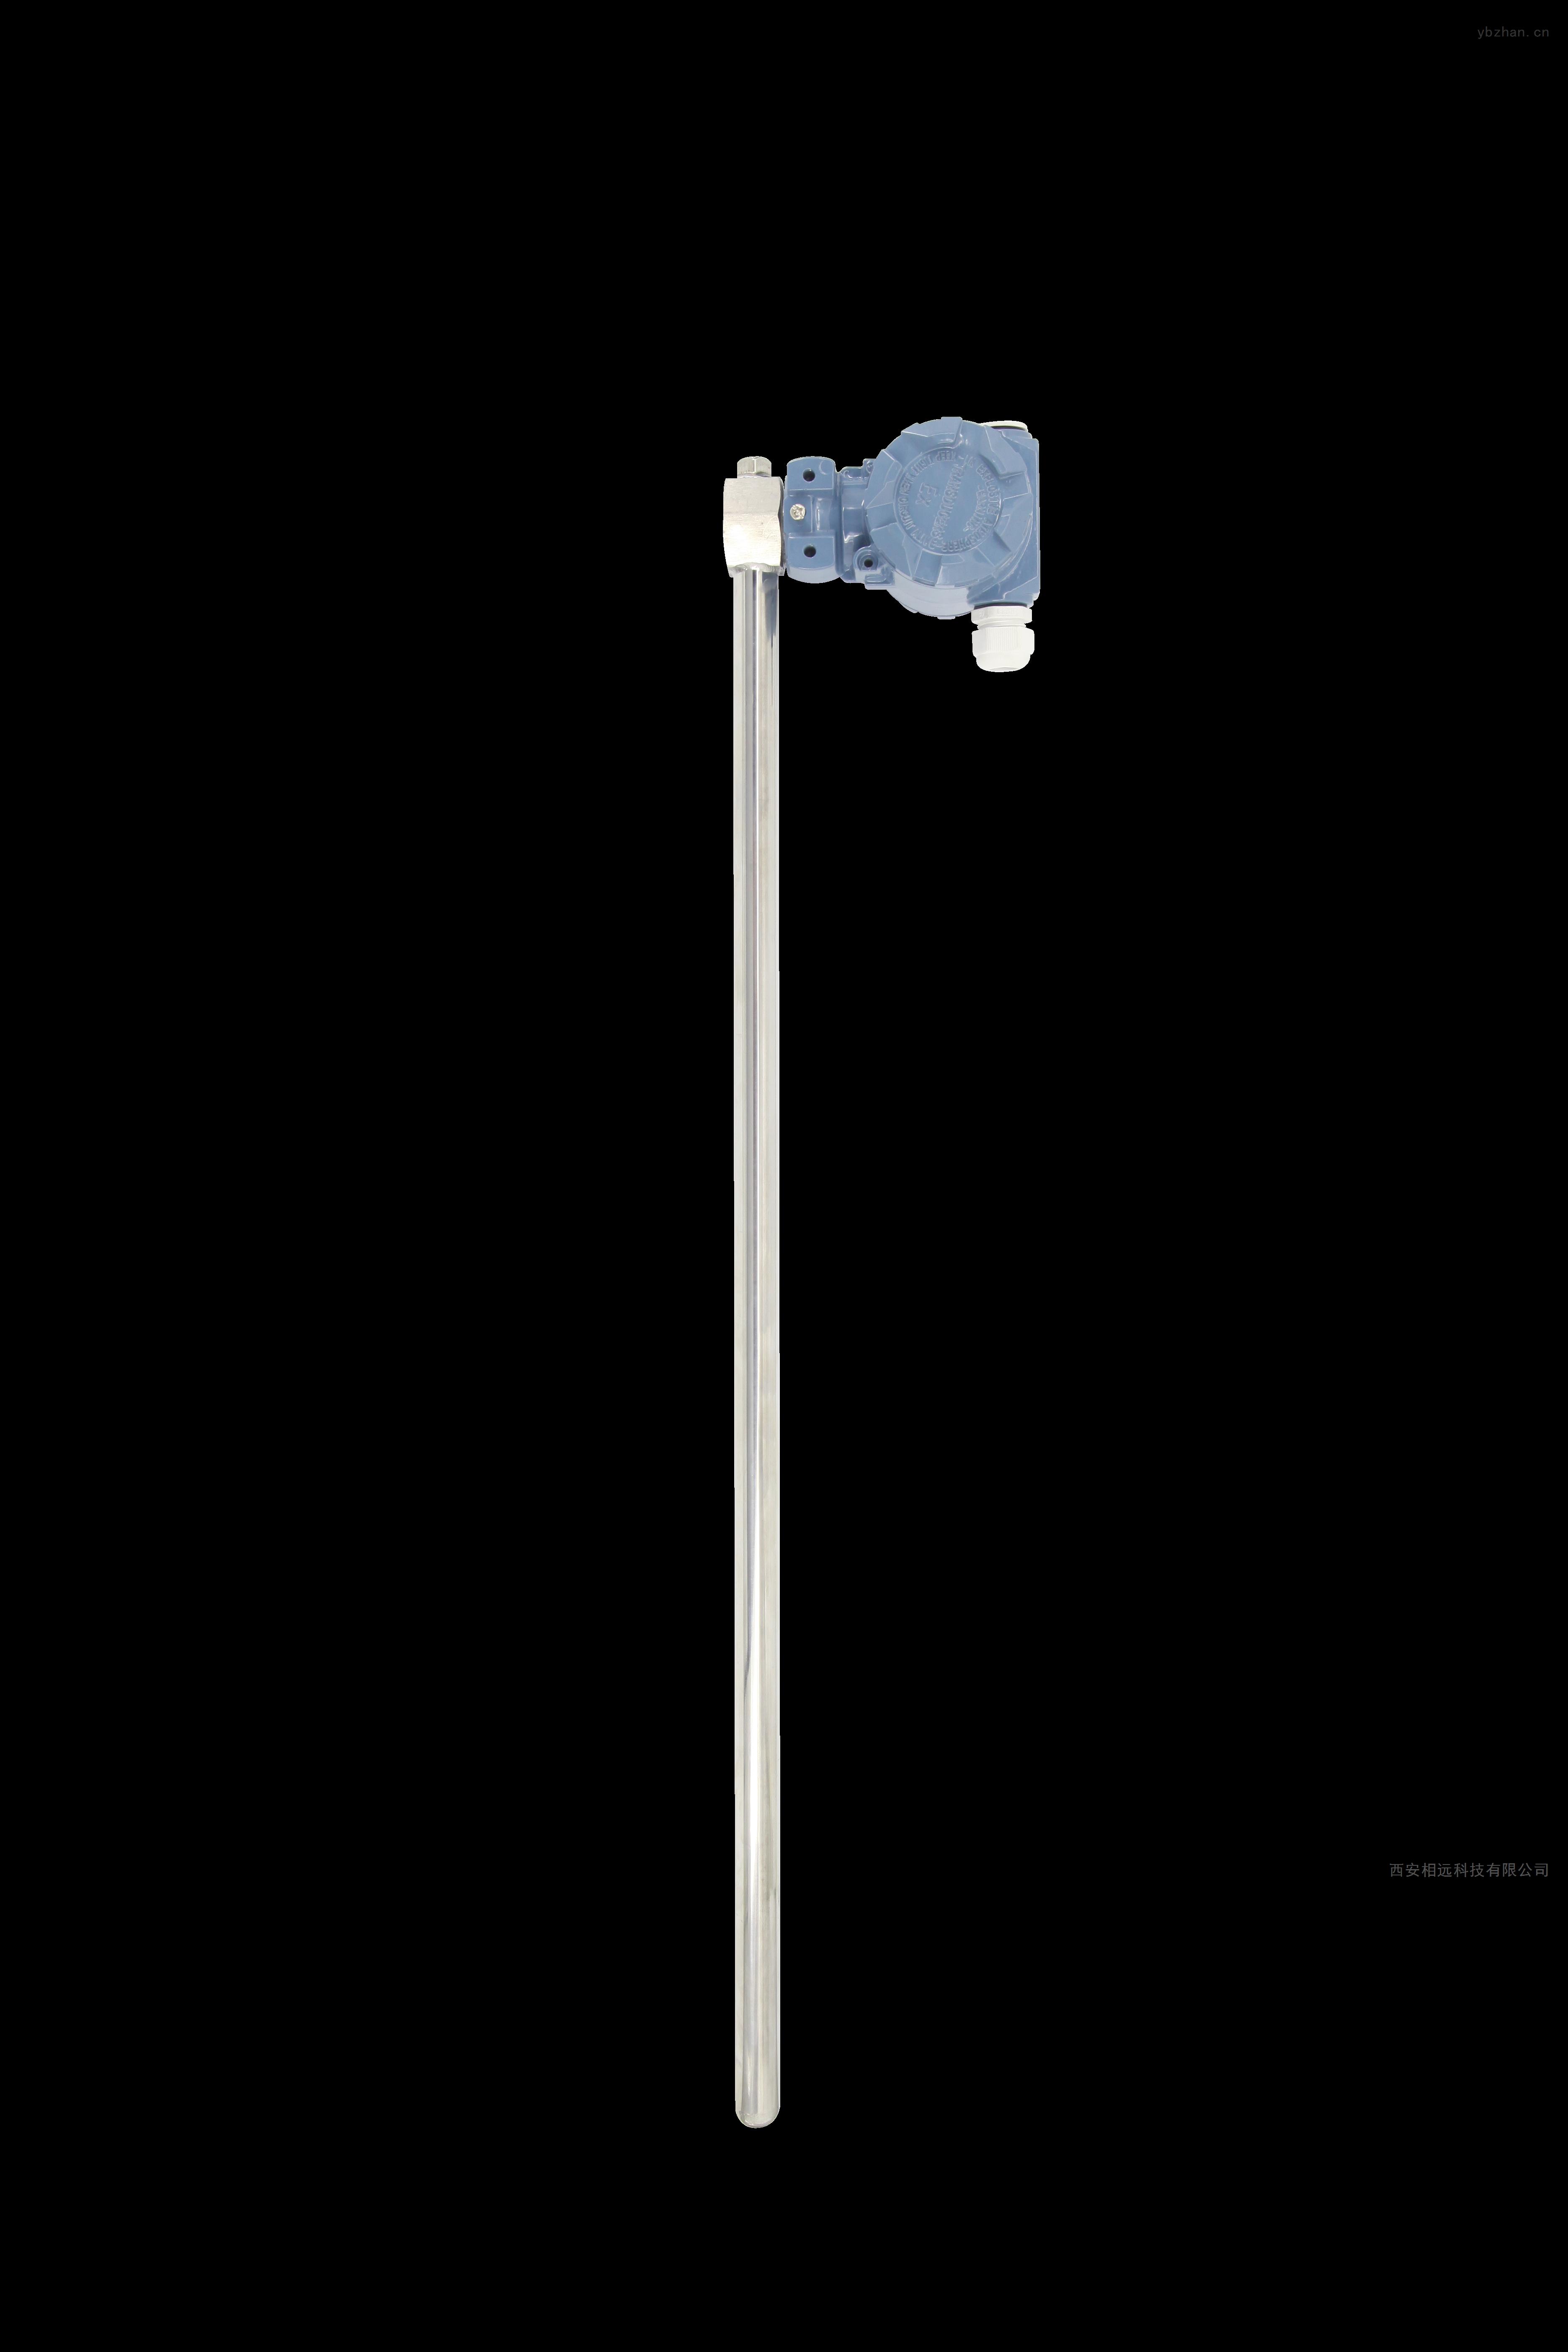 河北消防水箱磁耦合液位计带4-20mA远传输出